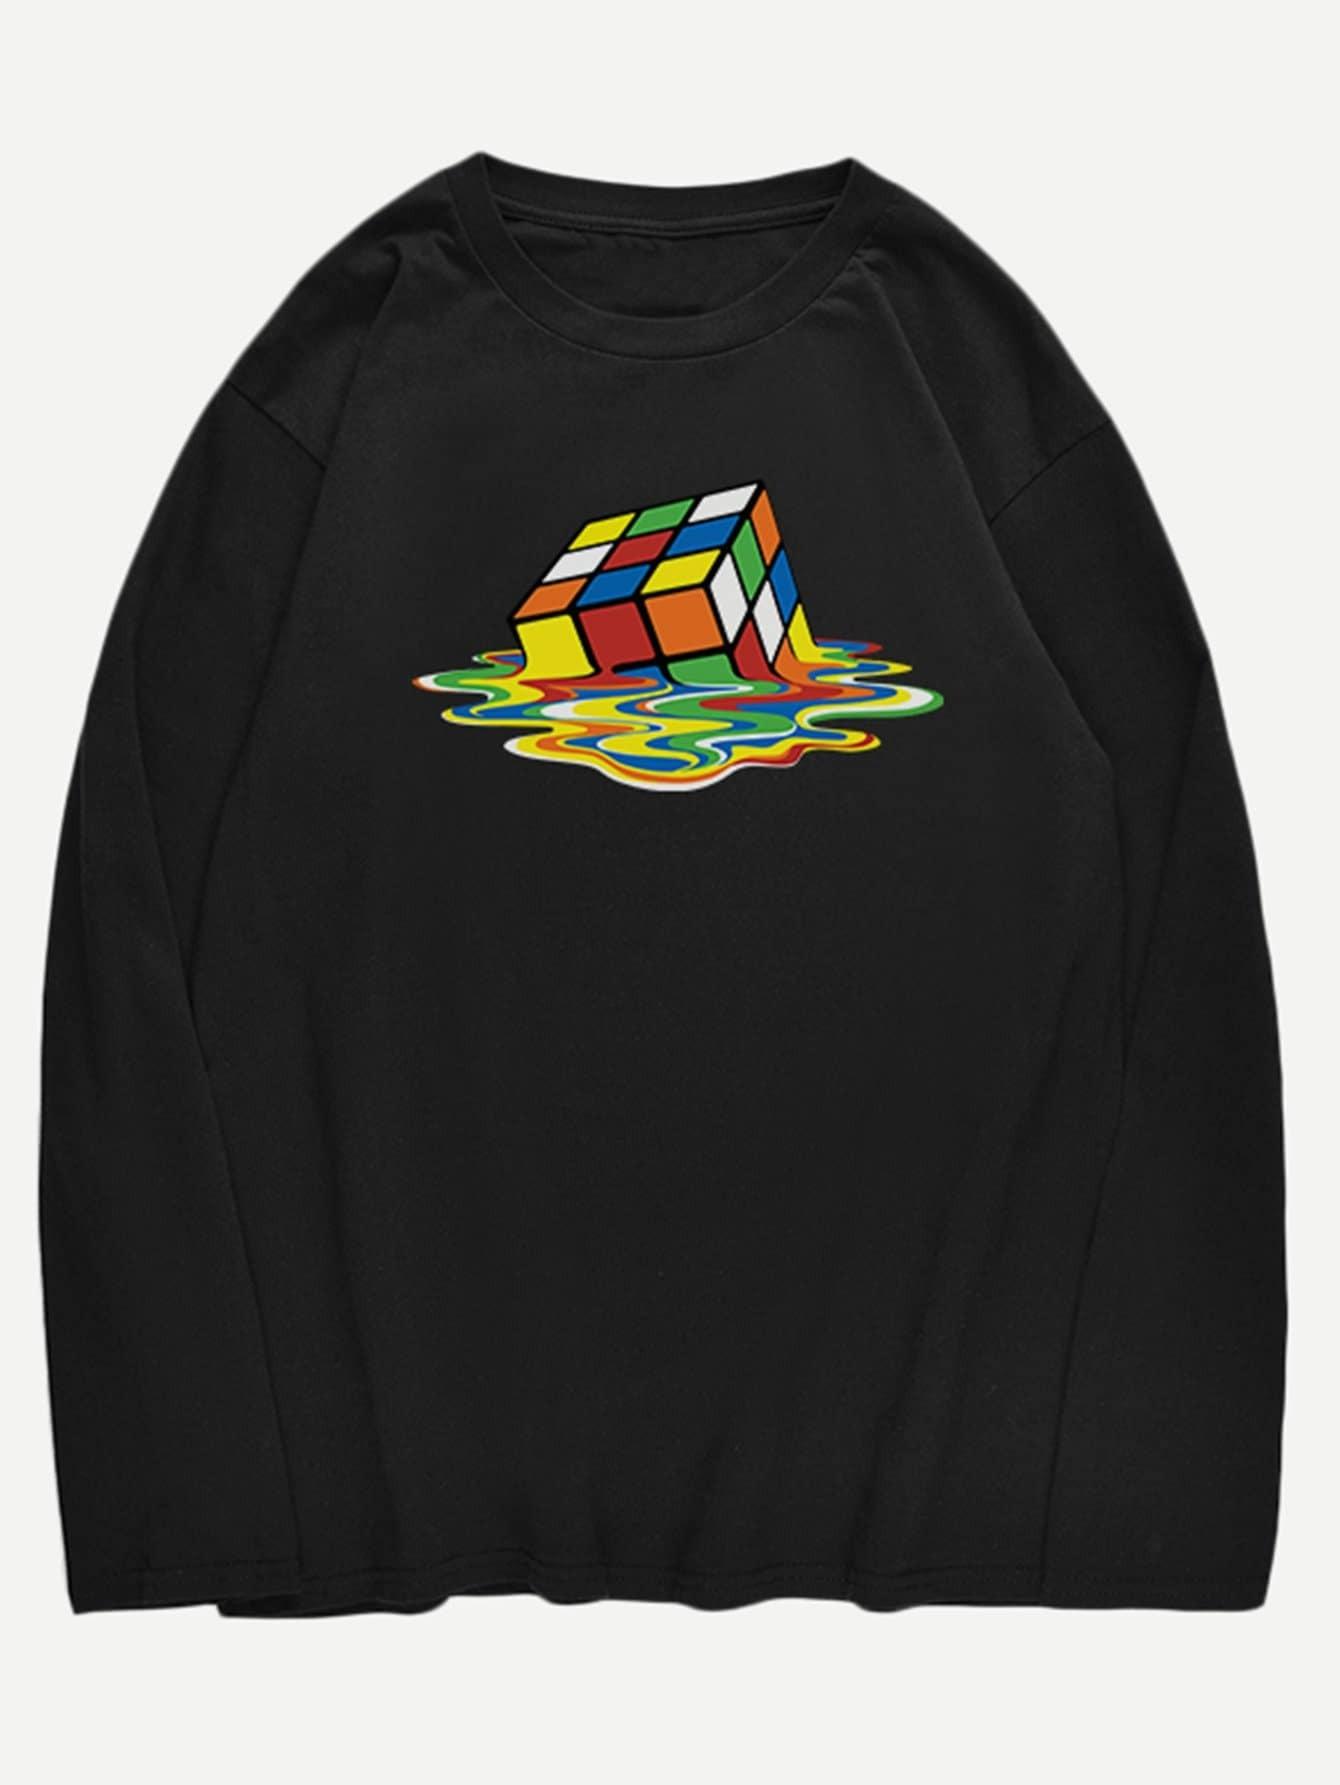 Фото - Мужская футболка с принтом волшебного куба от SheIn черного цвета